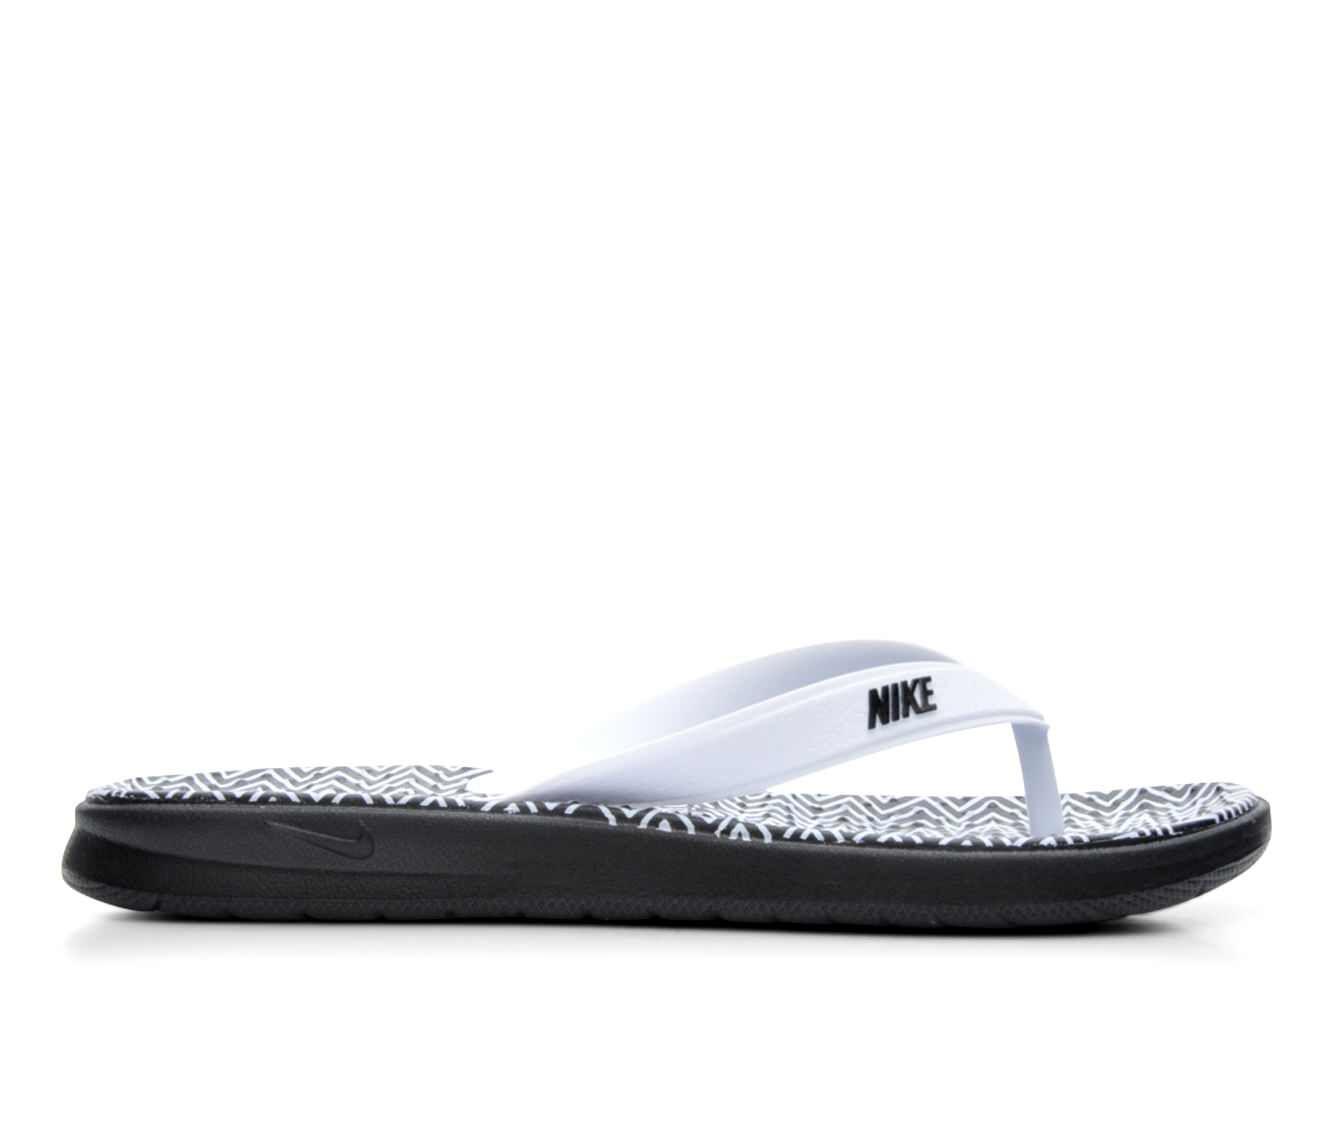 aa9d4d49f9100 nike flip flops womens on sale   OFF51% Discounts